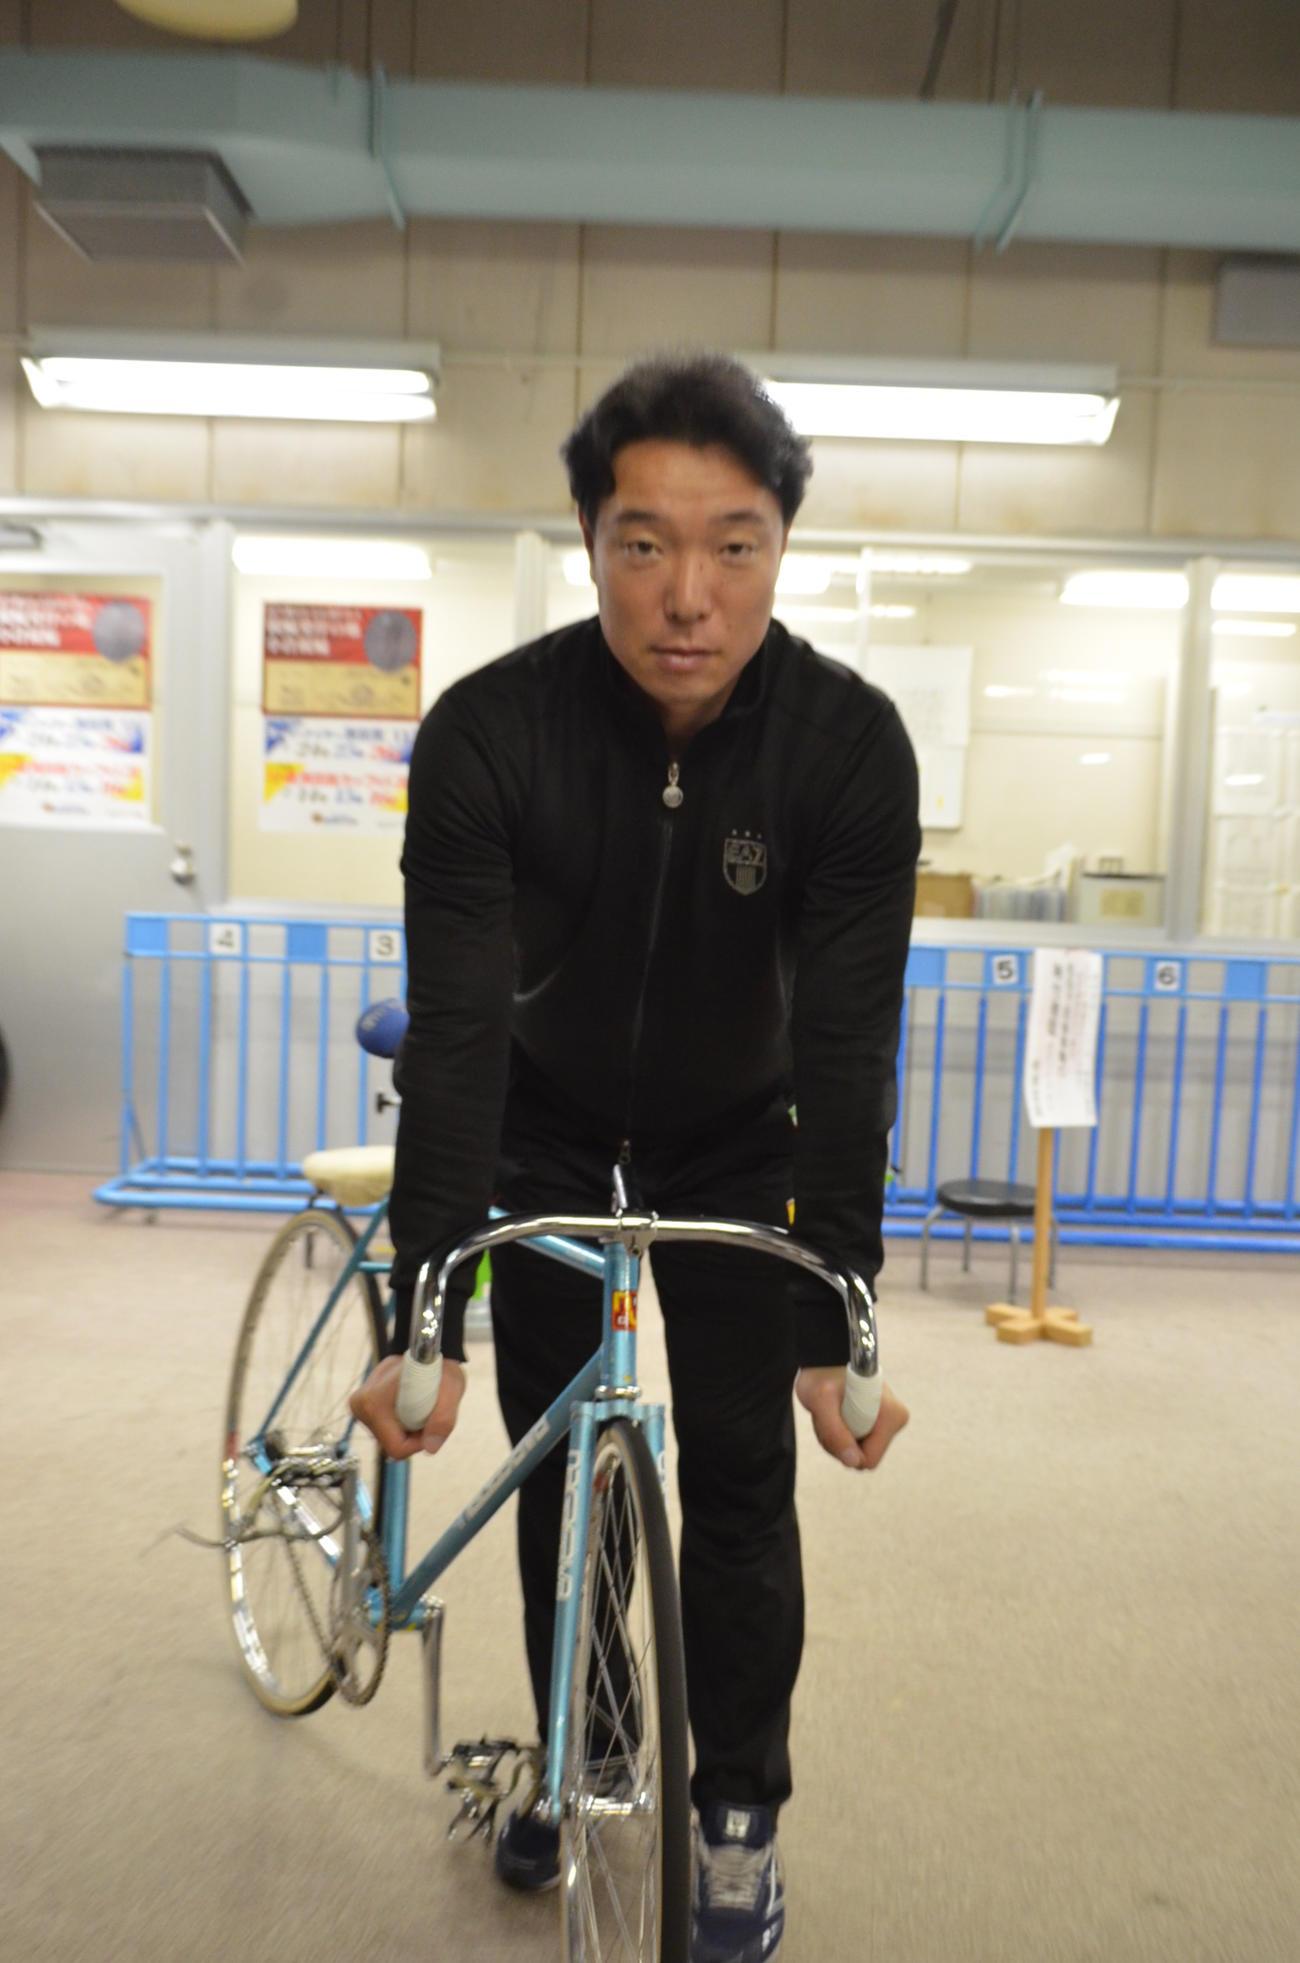 海老根恵太(2020年2月15日撮影)